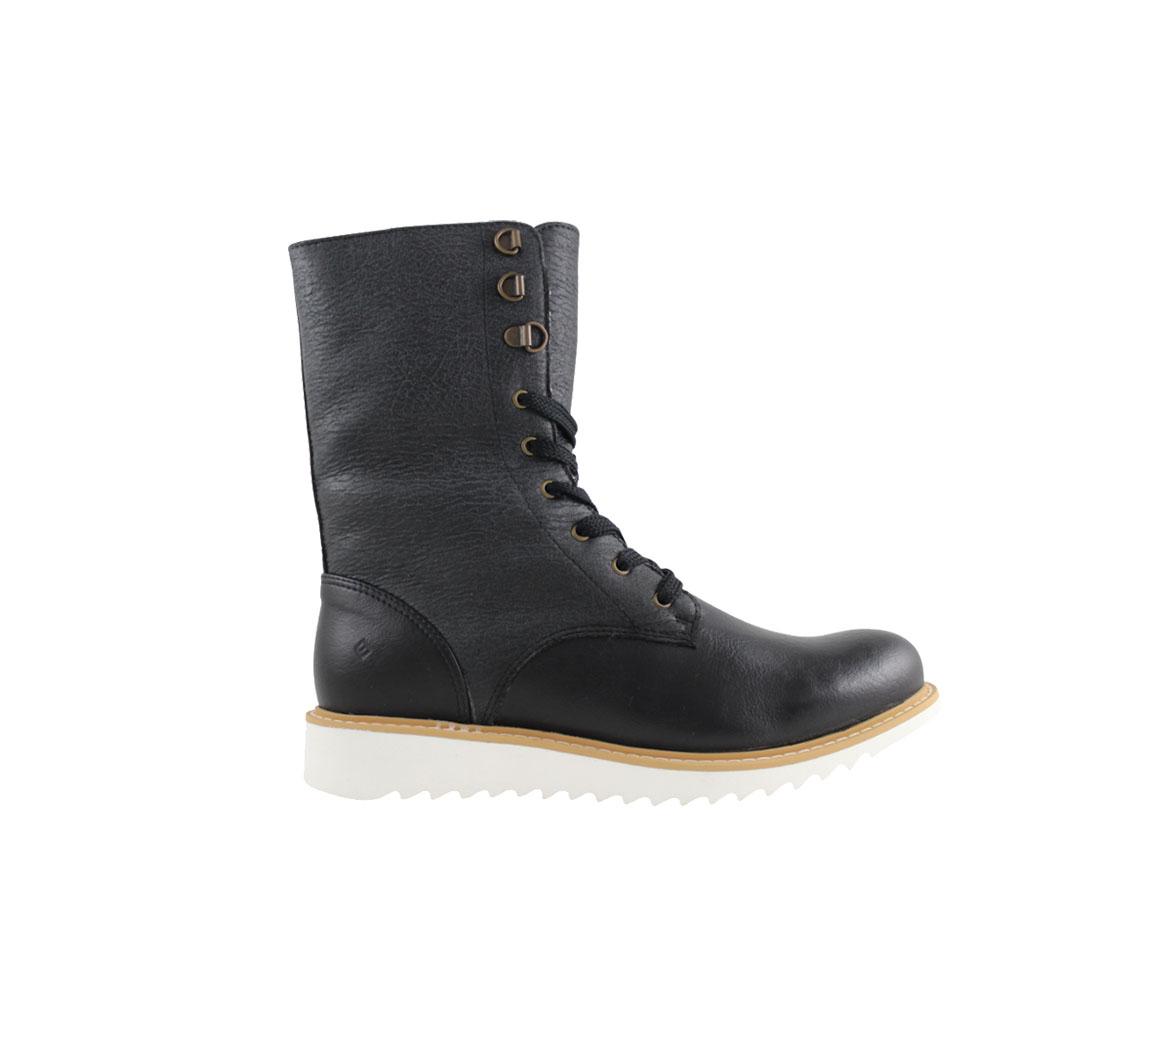 Bottine vegan pour femme Comfy lace up boots